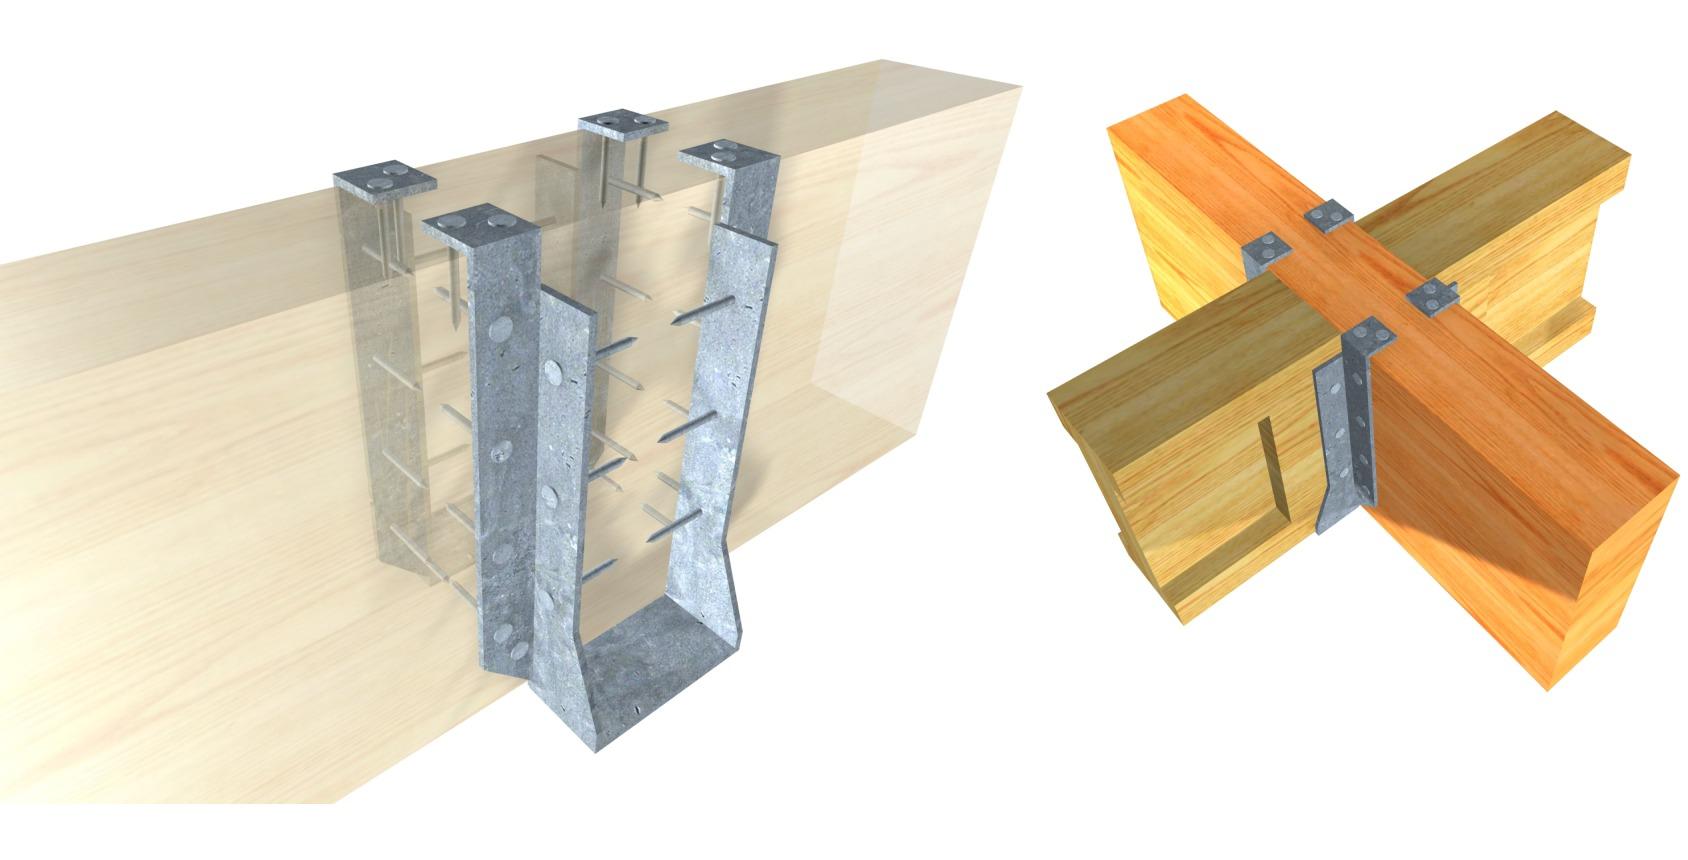 Galer a de 15 herrajes met licos para conectar estructuras - Estructuras de madera laminada ...